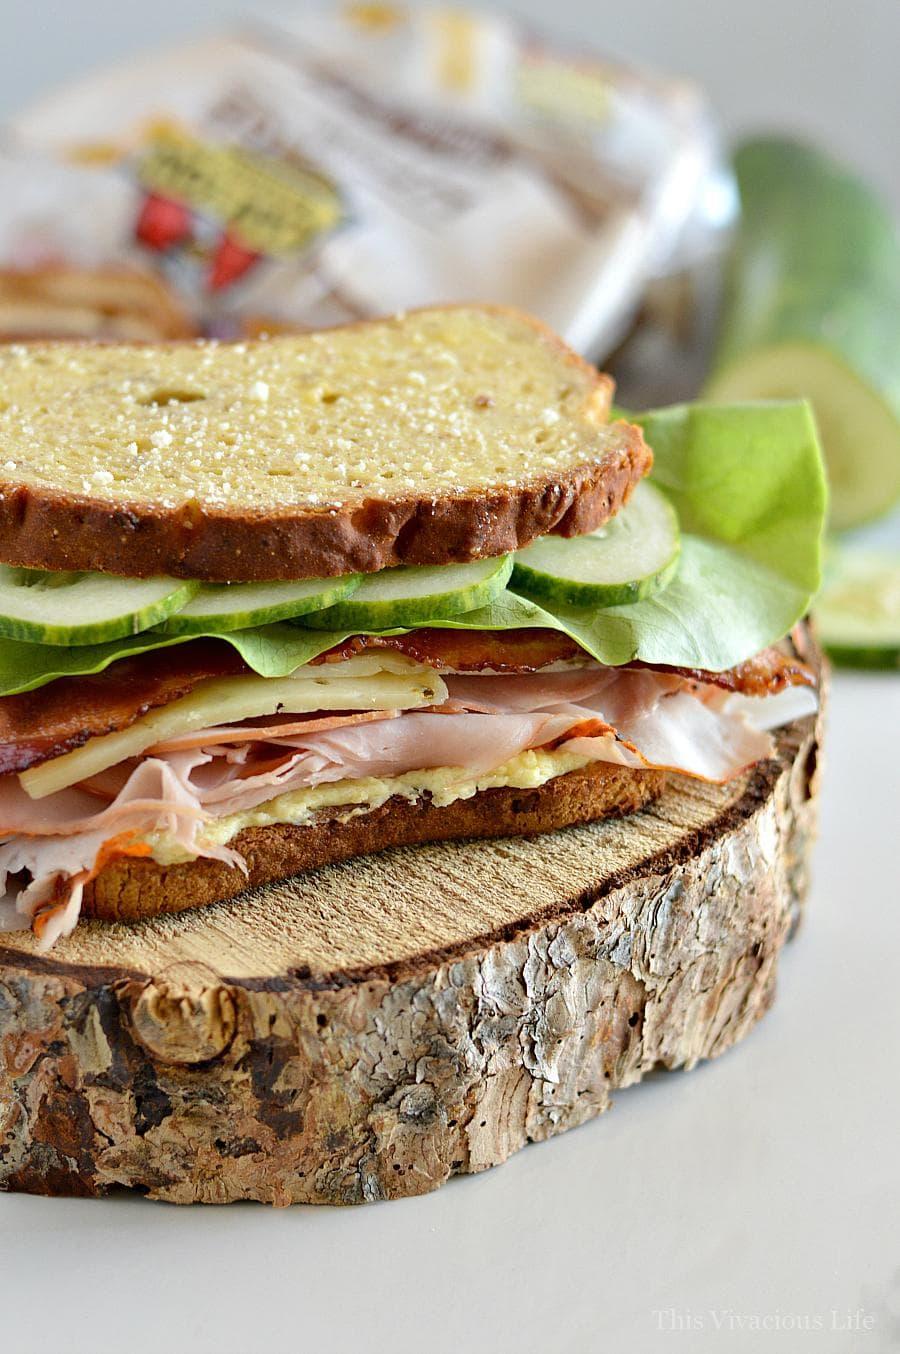 Ham and turkey sandwich on gluten-free bread